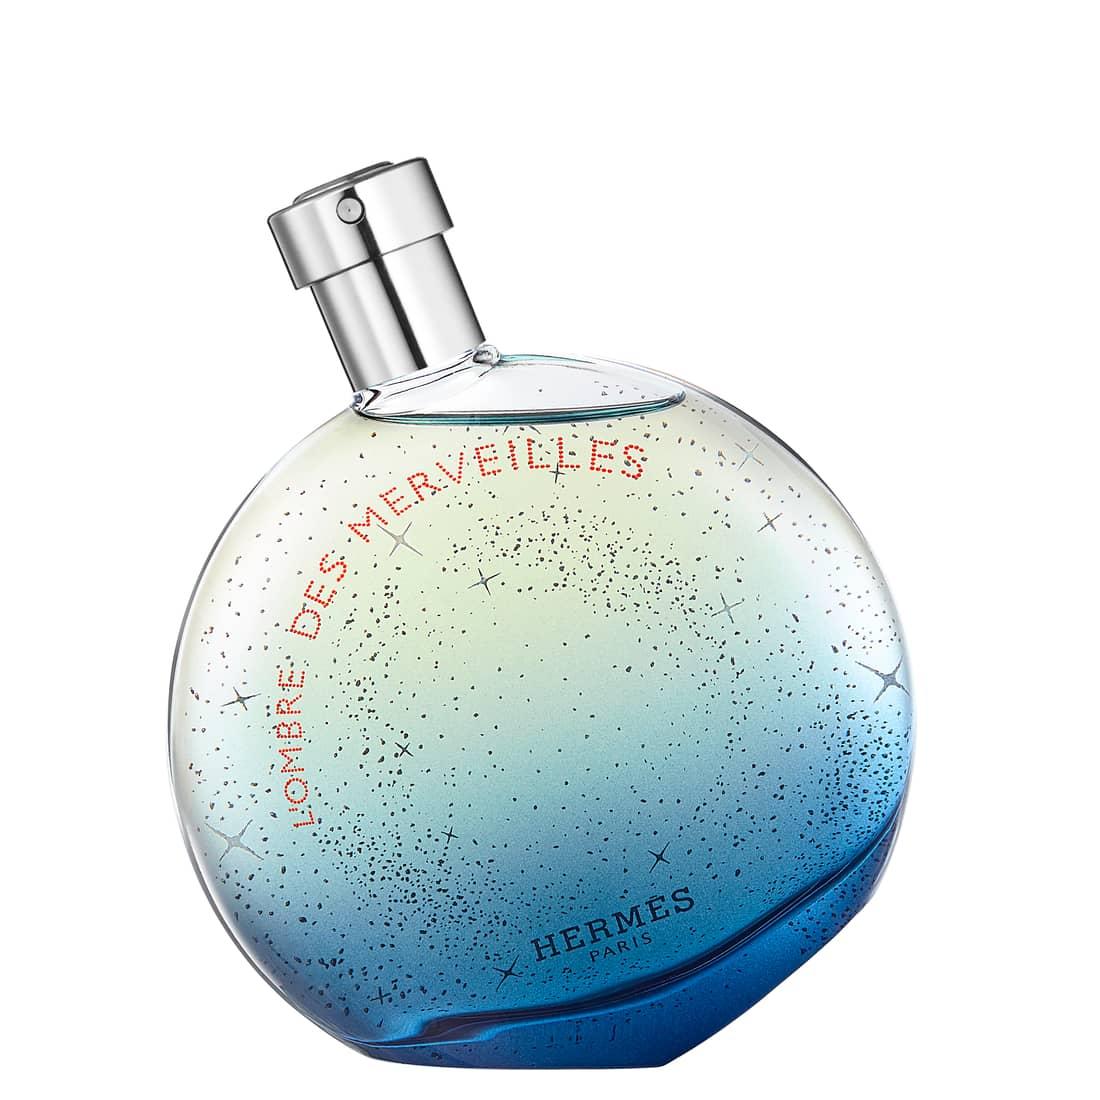 Hermès - L'Ombre des Merveilles - Eau de Parfum